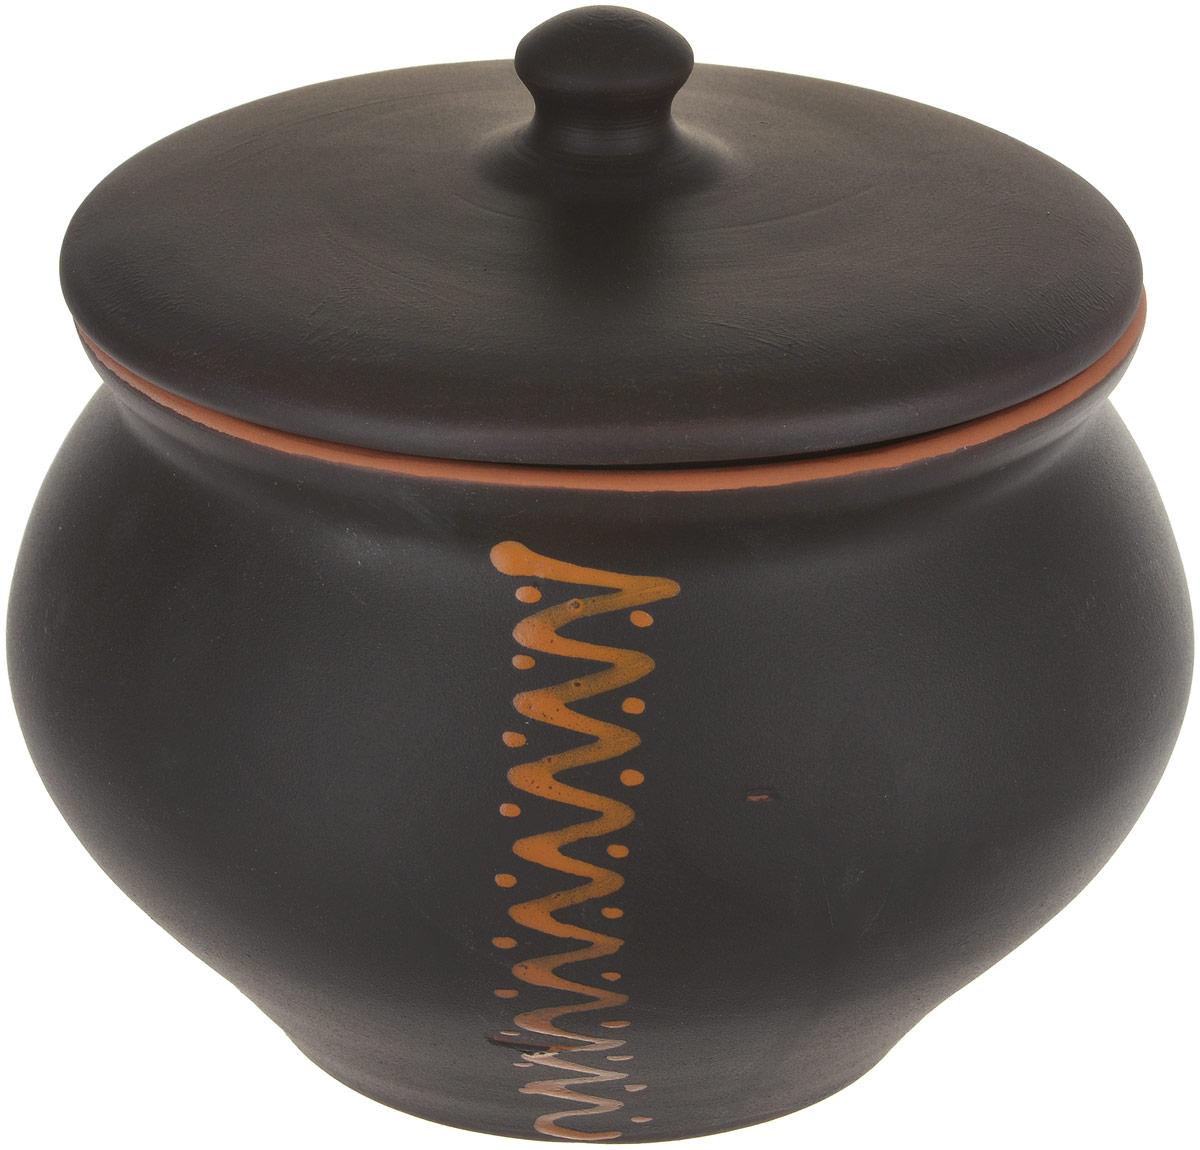 Горшочек для запекания Борисовская керамика Чугун, цвет: черный, коричневый, 1,3 л